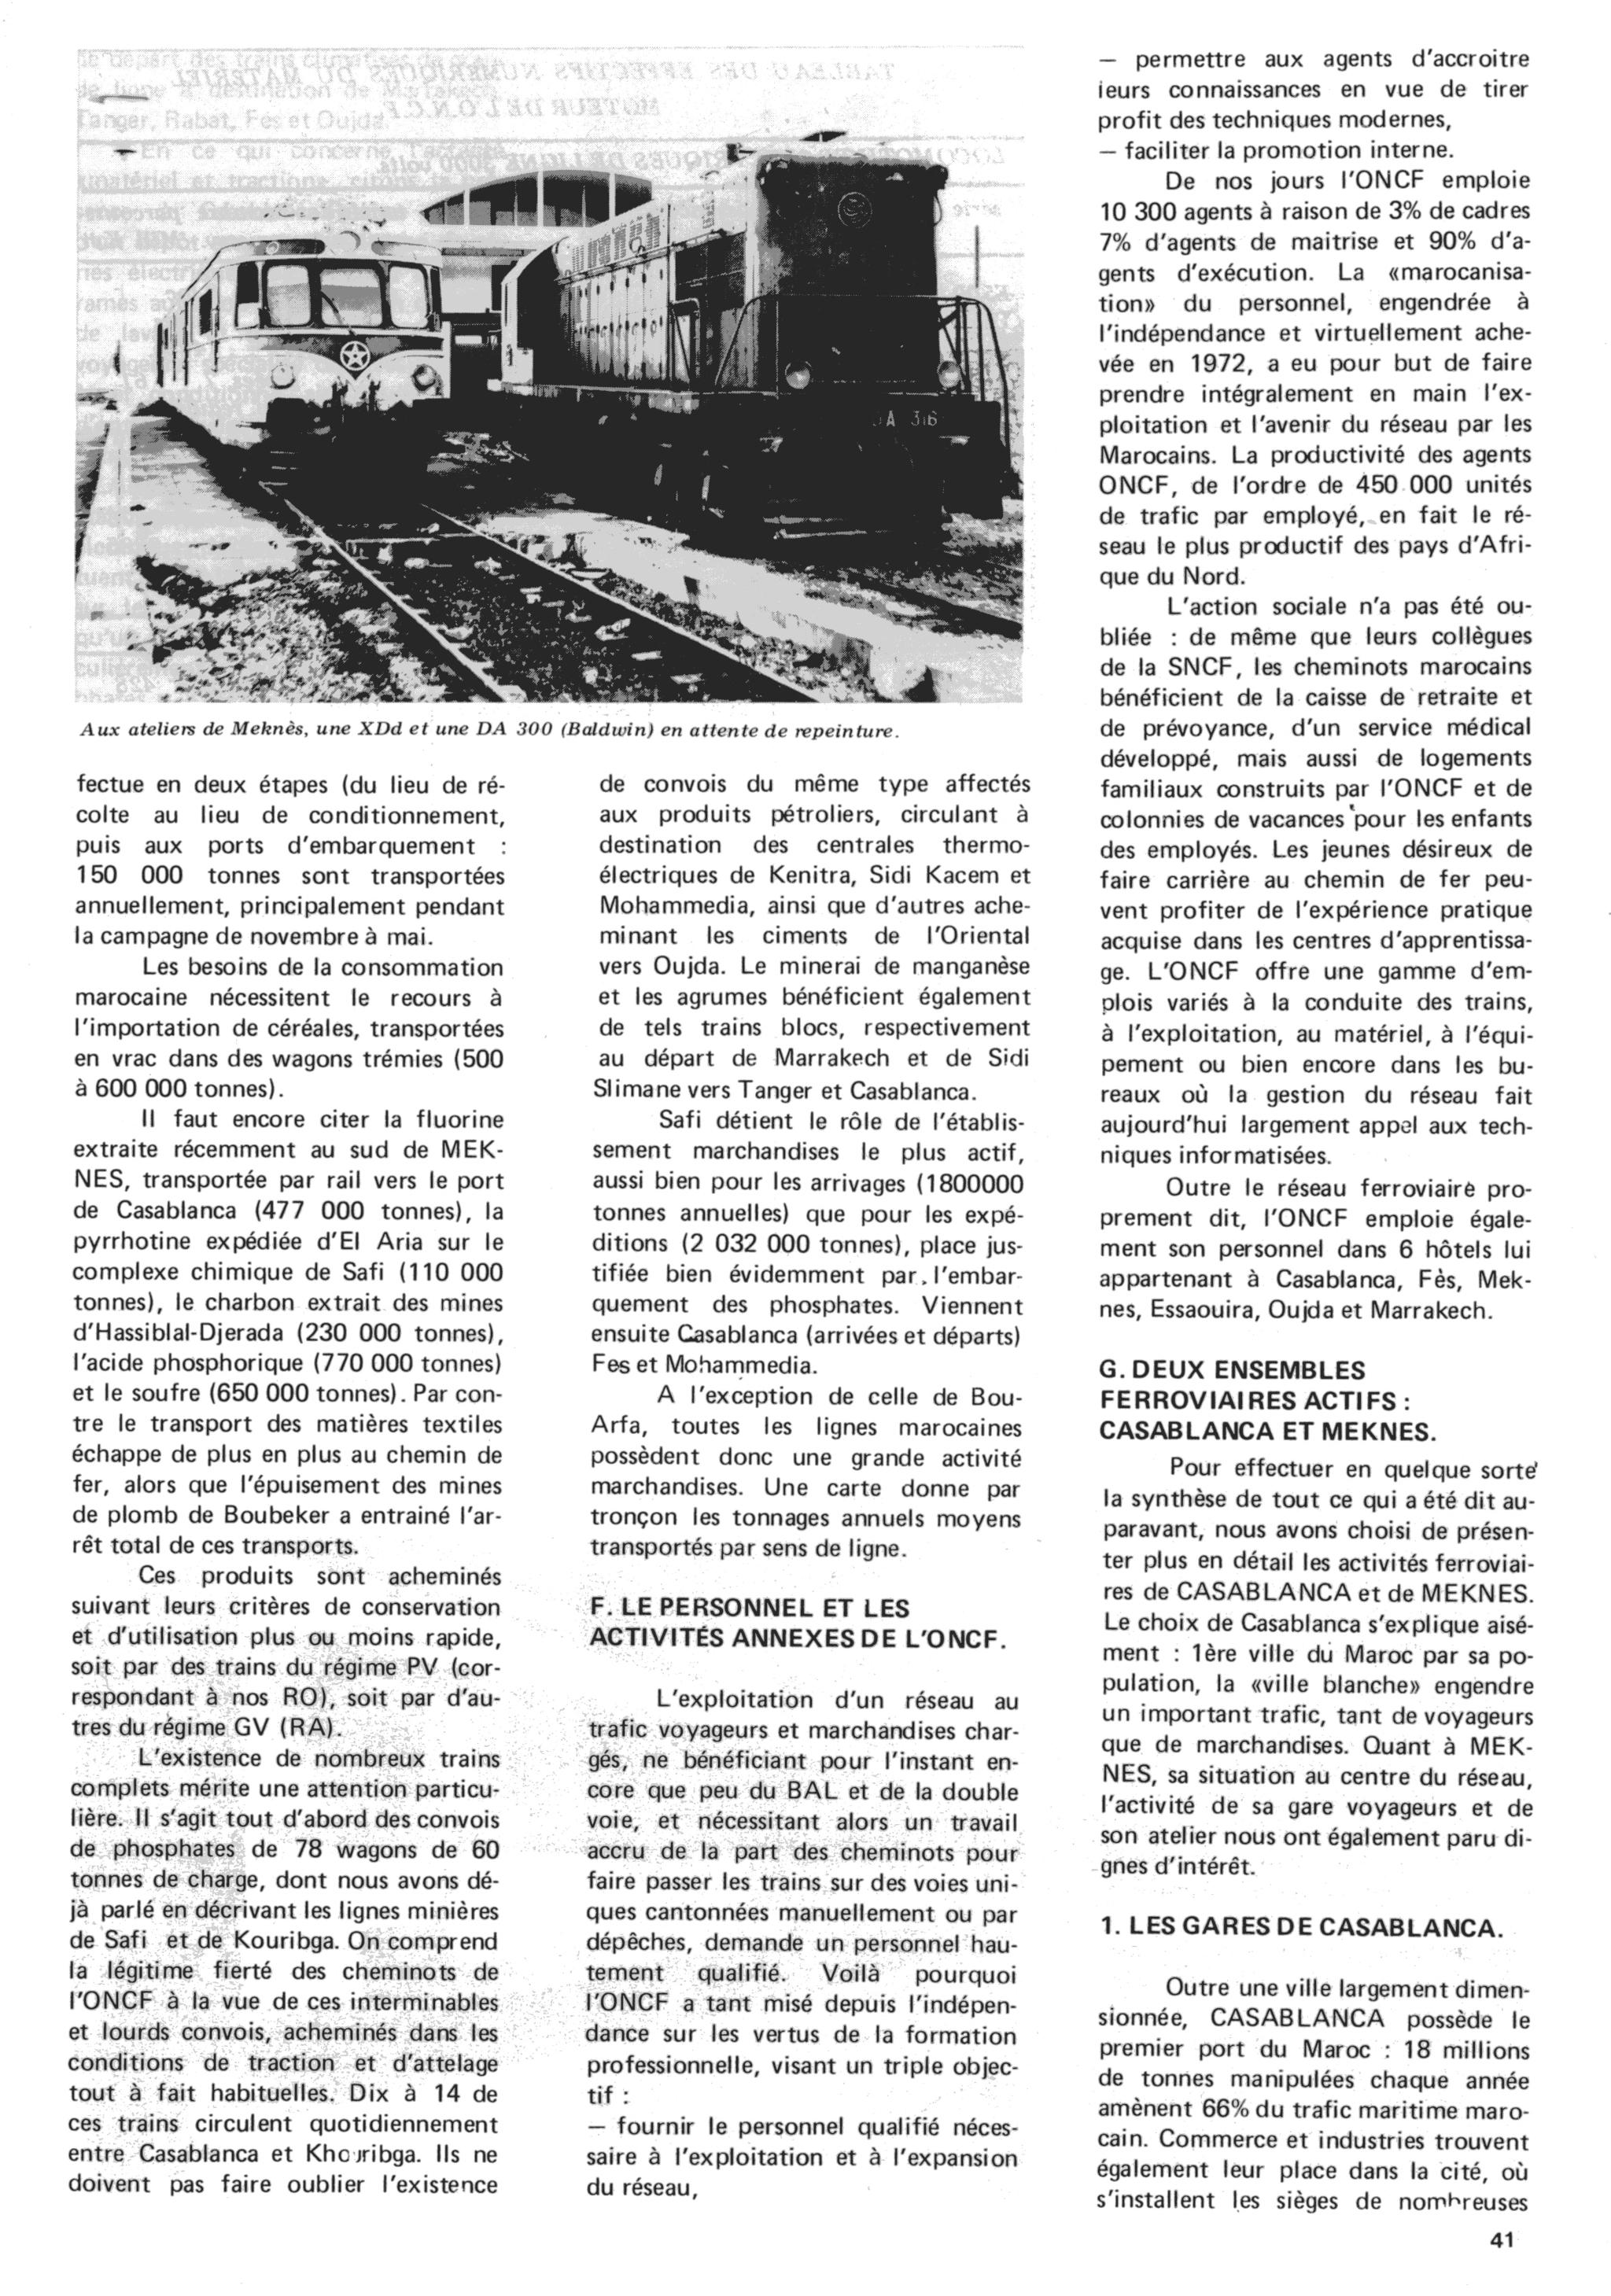 Chemins de Fer au Maroc - ONCF  - Page 4 49736158913_5bc1f1bfe1_o_d